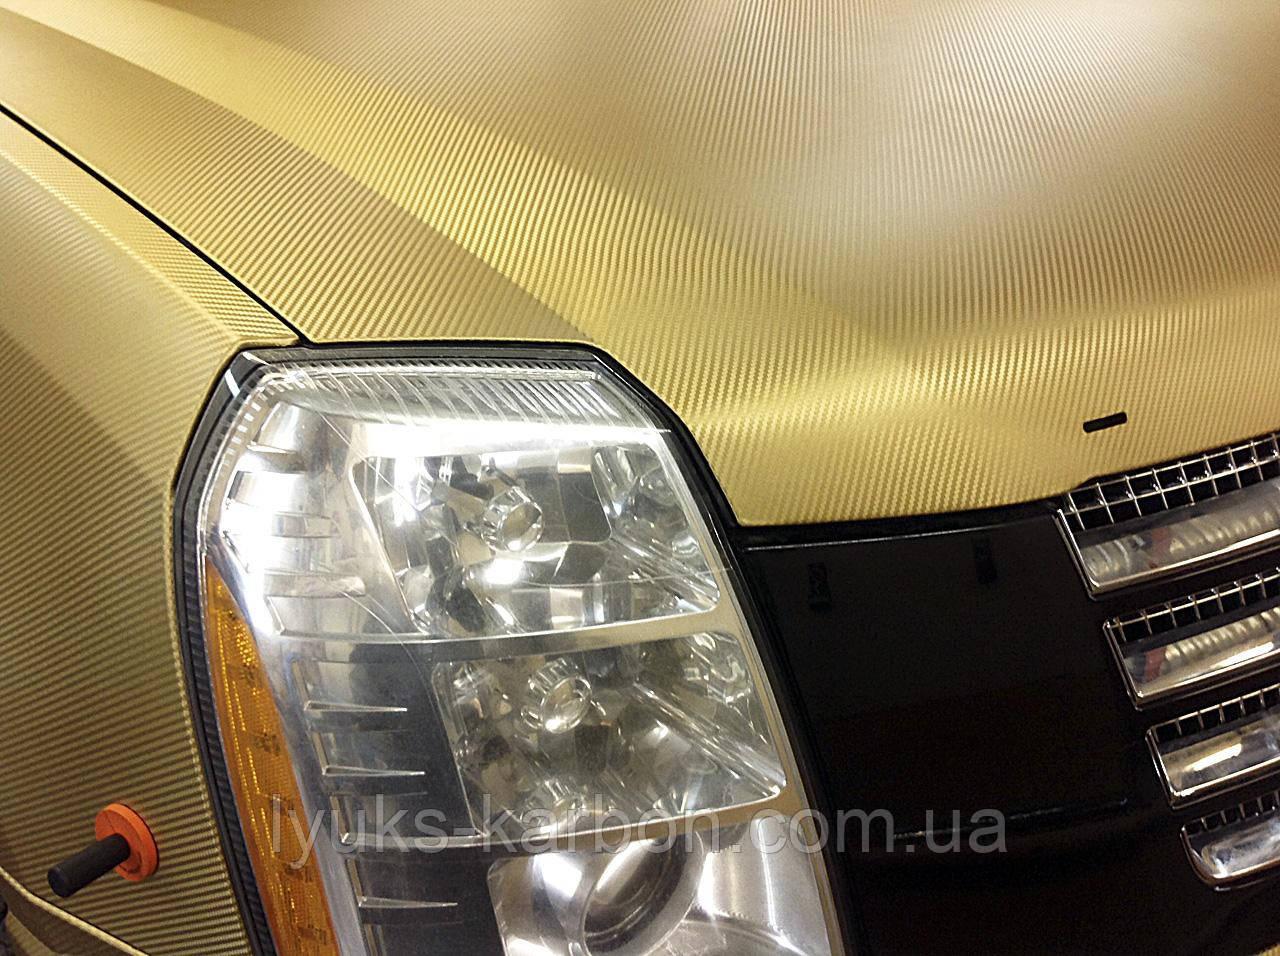 Карбоновая пленка 3d золото Catpiano 1,52 м